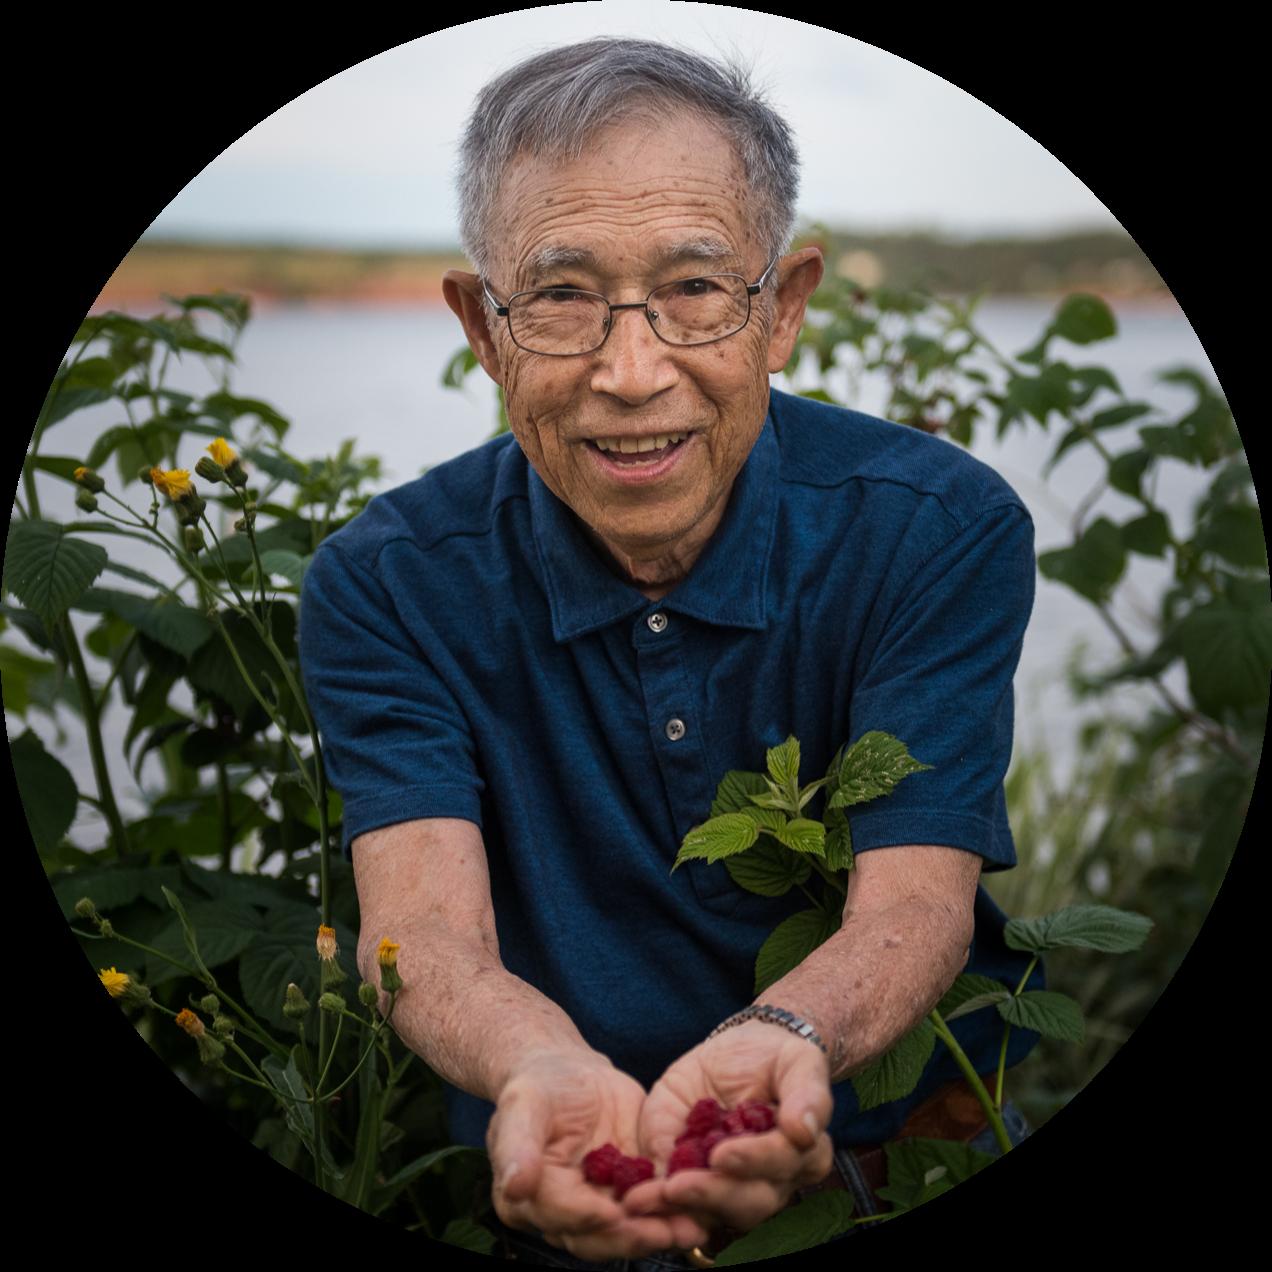 Hung-Min Chiang